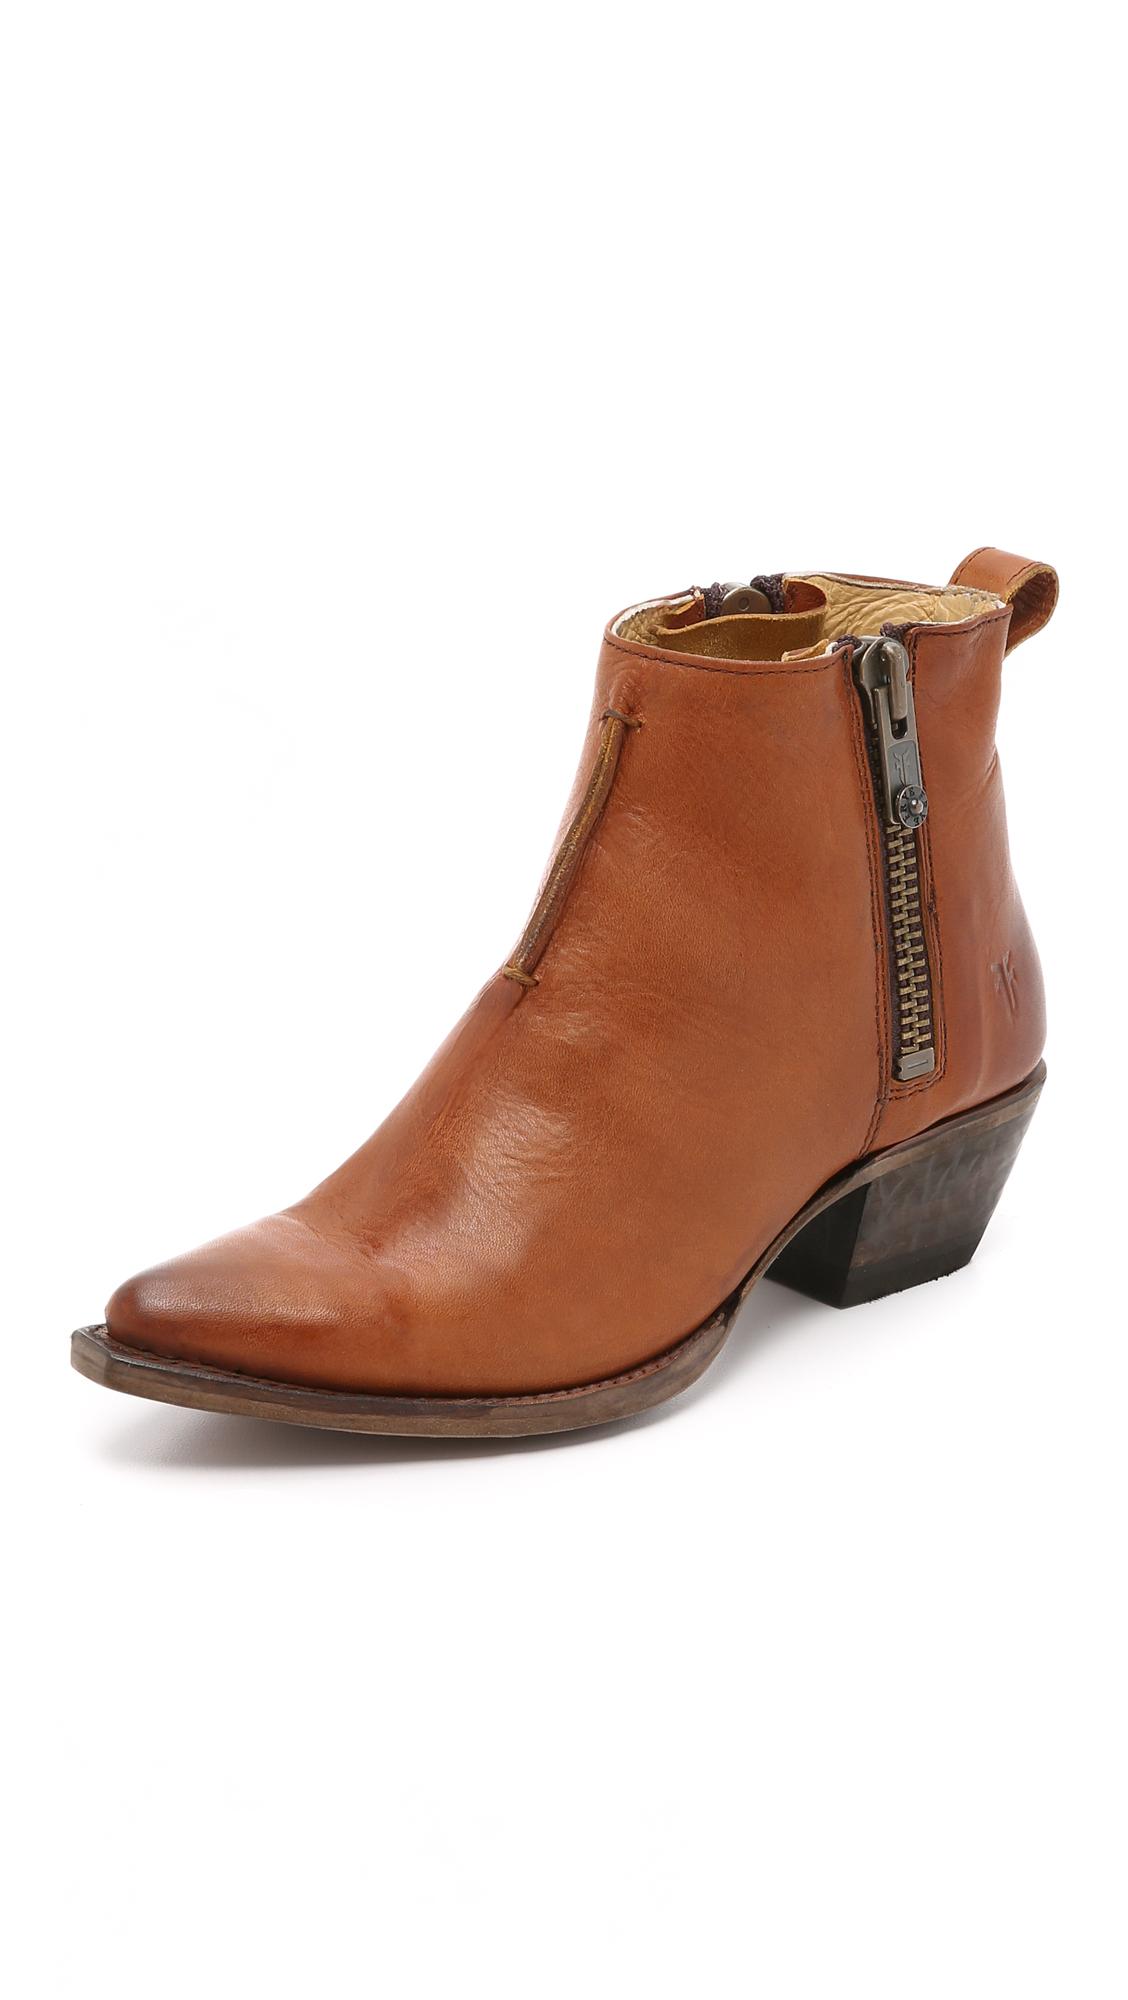 Silent D Women S Shoes